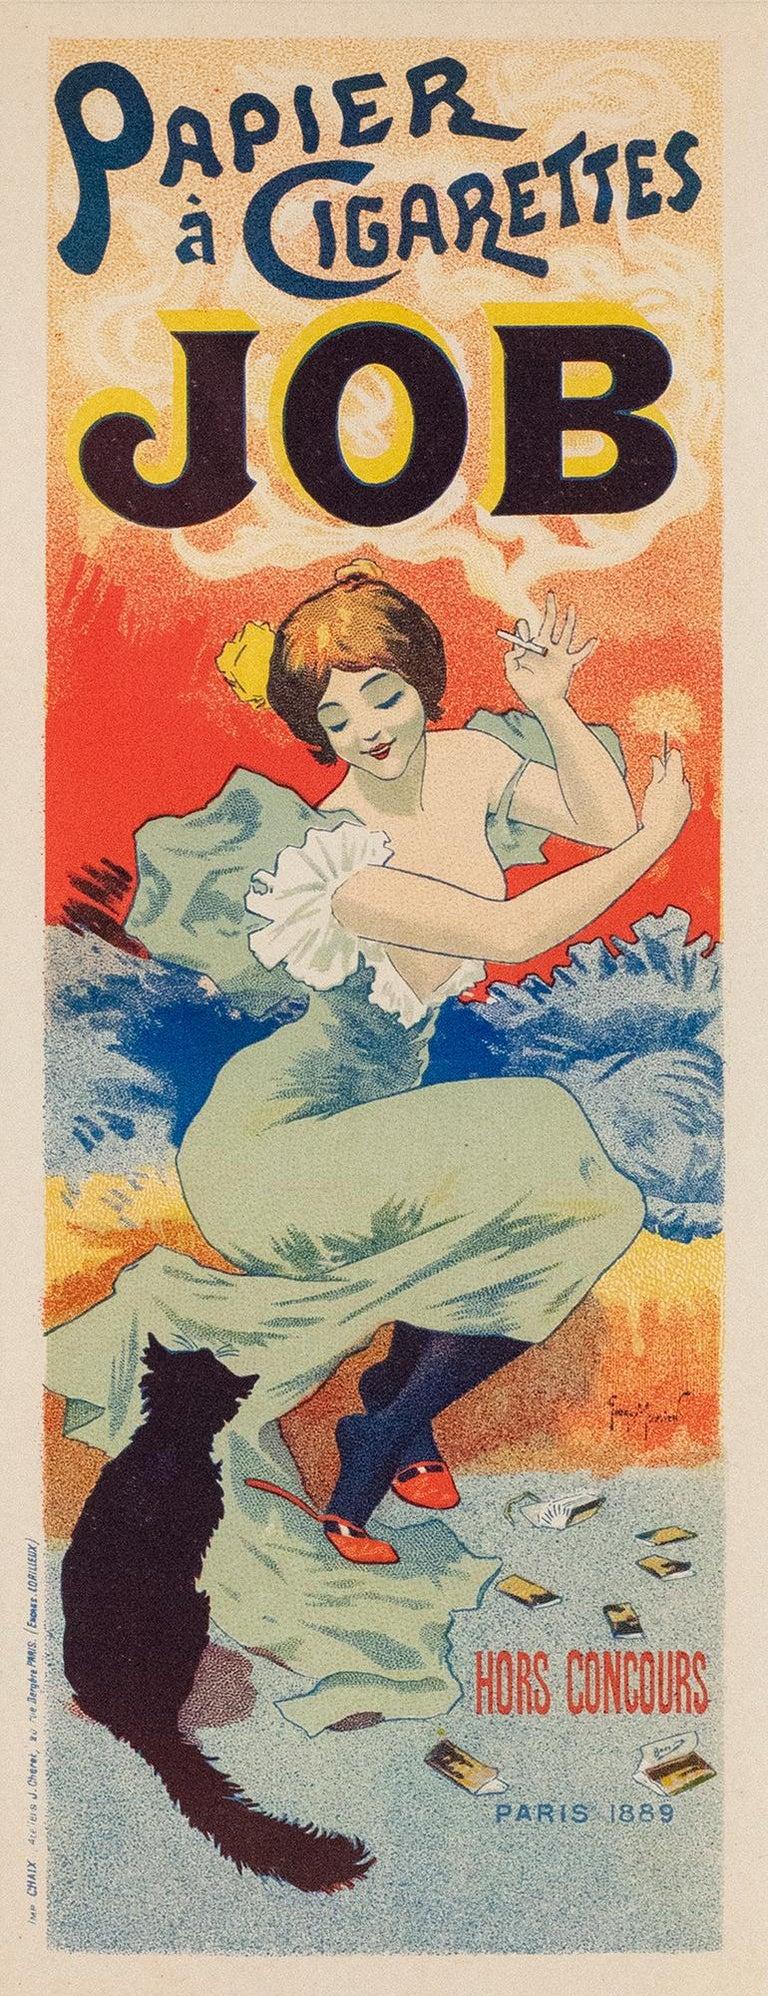 JOB Papier à Cigarettes by Georges Meunier, Belle Epoque lithograph, 1896 For Sale 1